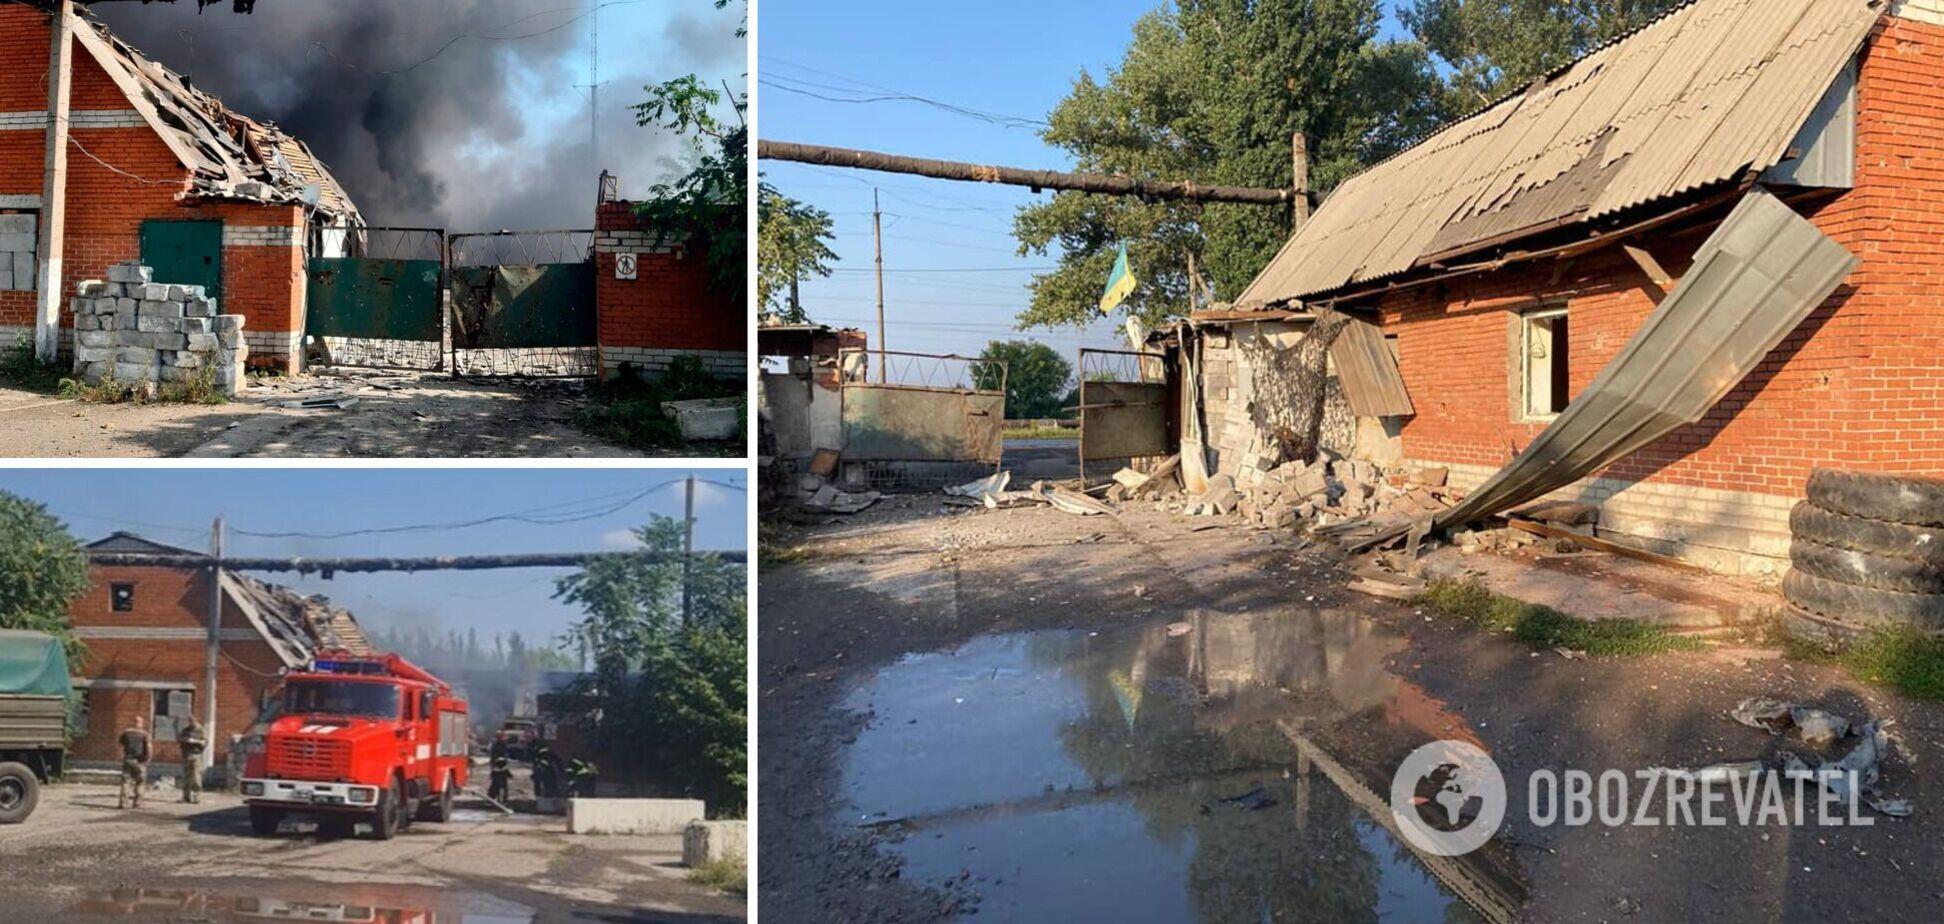 Оккупанты обстреляли Авдеевку: движение поездов ограничили, над городом виднелся дым. Видео